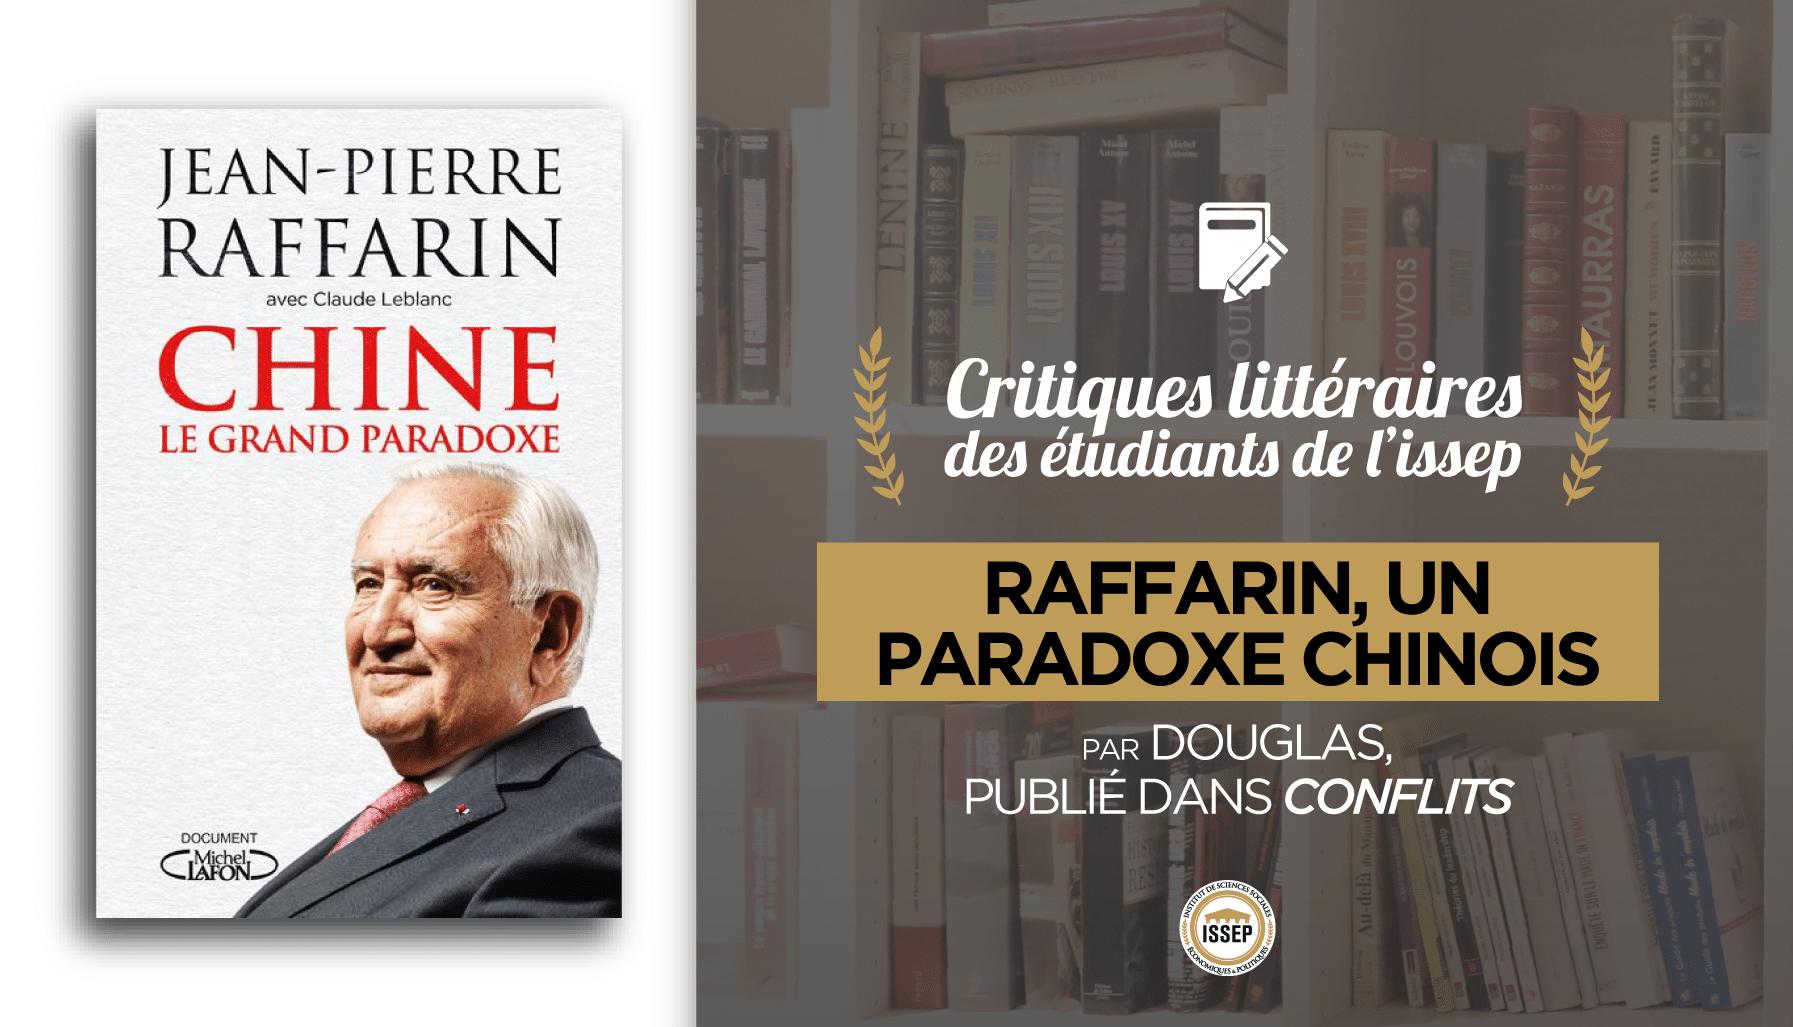 """Critique littéraire de """"Chine, le grand paradoxe"""", par Douglas McKillop, étudiant de l'ISSEP publié dans Conflits"""